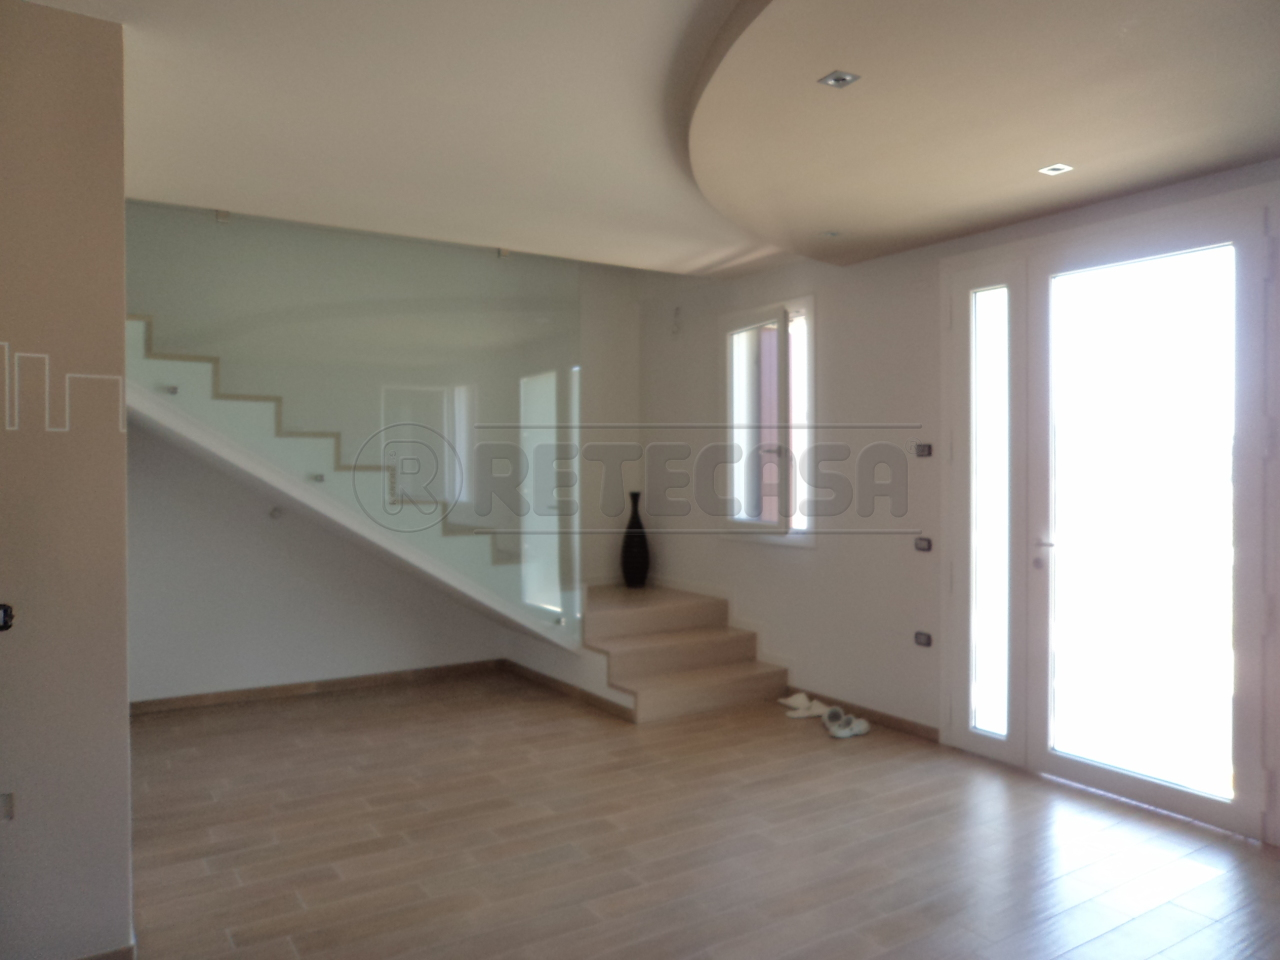 Soluzione Semindipendente in vendita a San Giorgio delle Pertiche, 9999 locali, prezzo € 320.000 | Cambio Casa.it